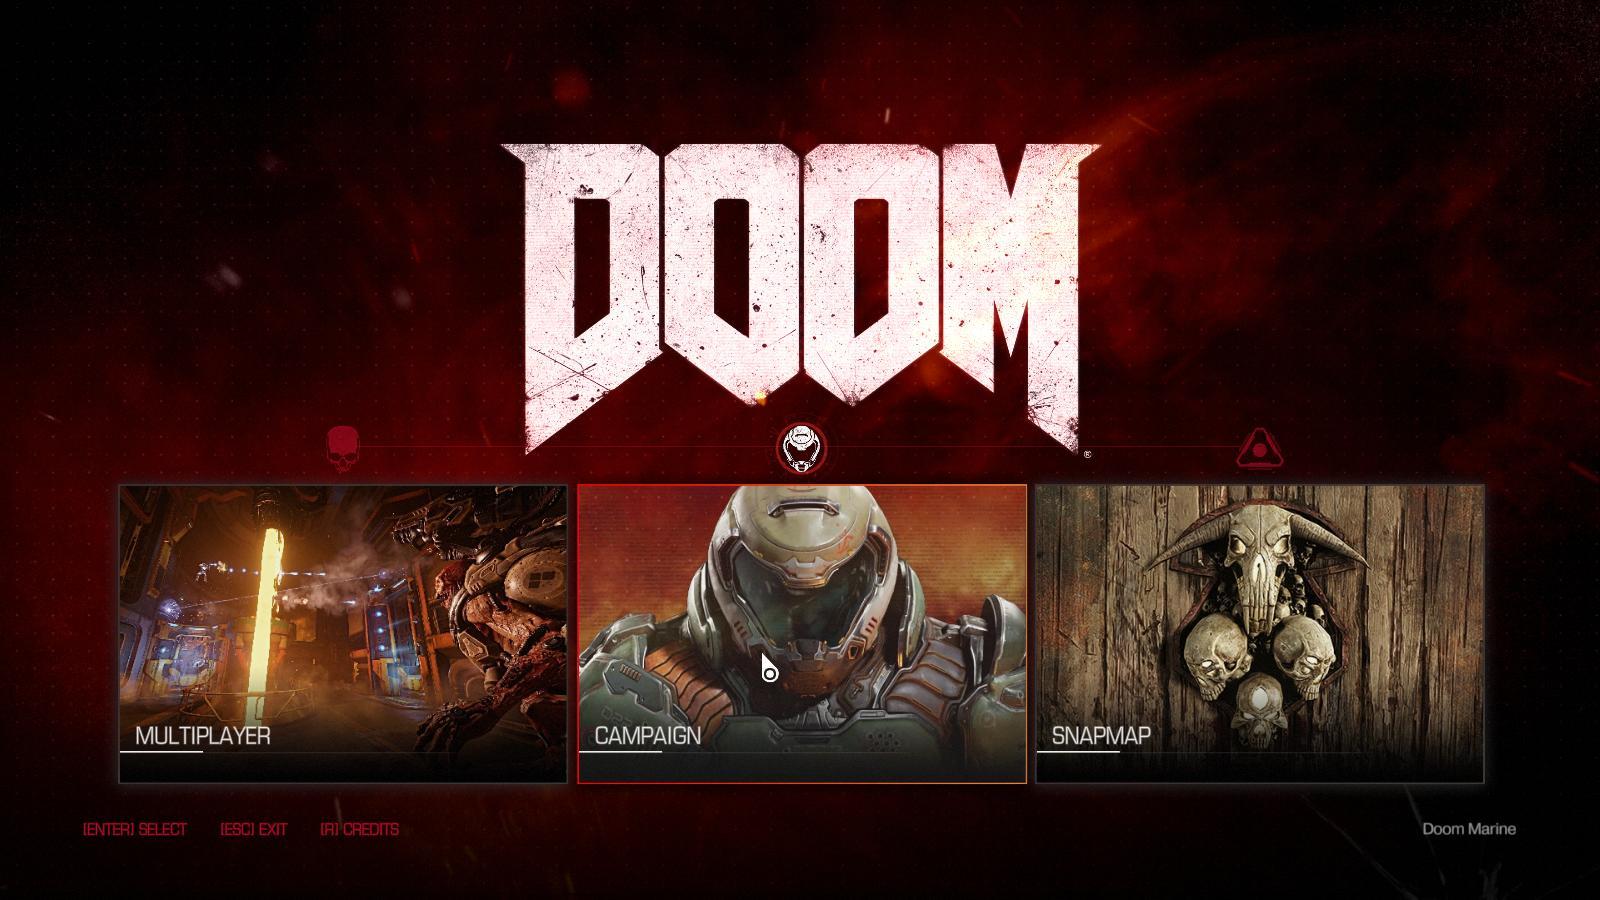 Re: Doom